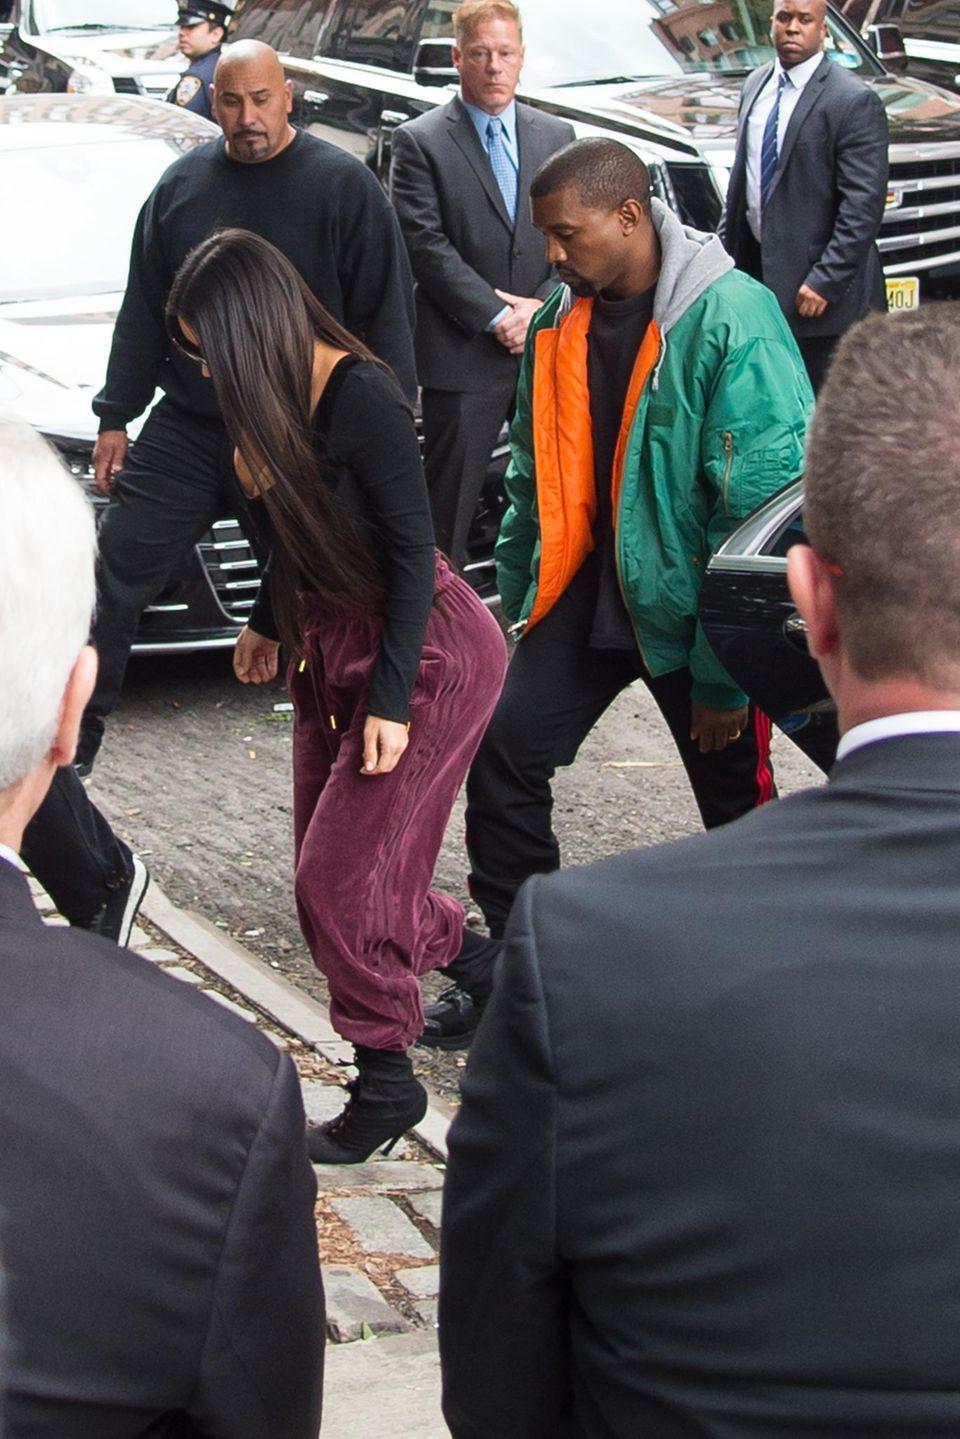 Kim Kardashian ist nach dem Überfall in Paris schnellstens zu ihrem Ehemann Kanye West nach New York geflogen.